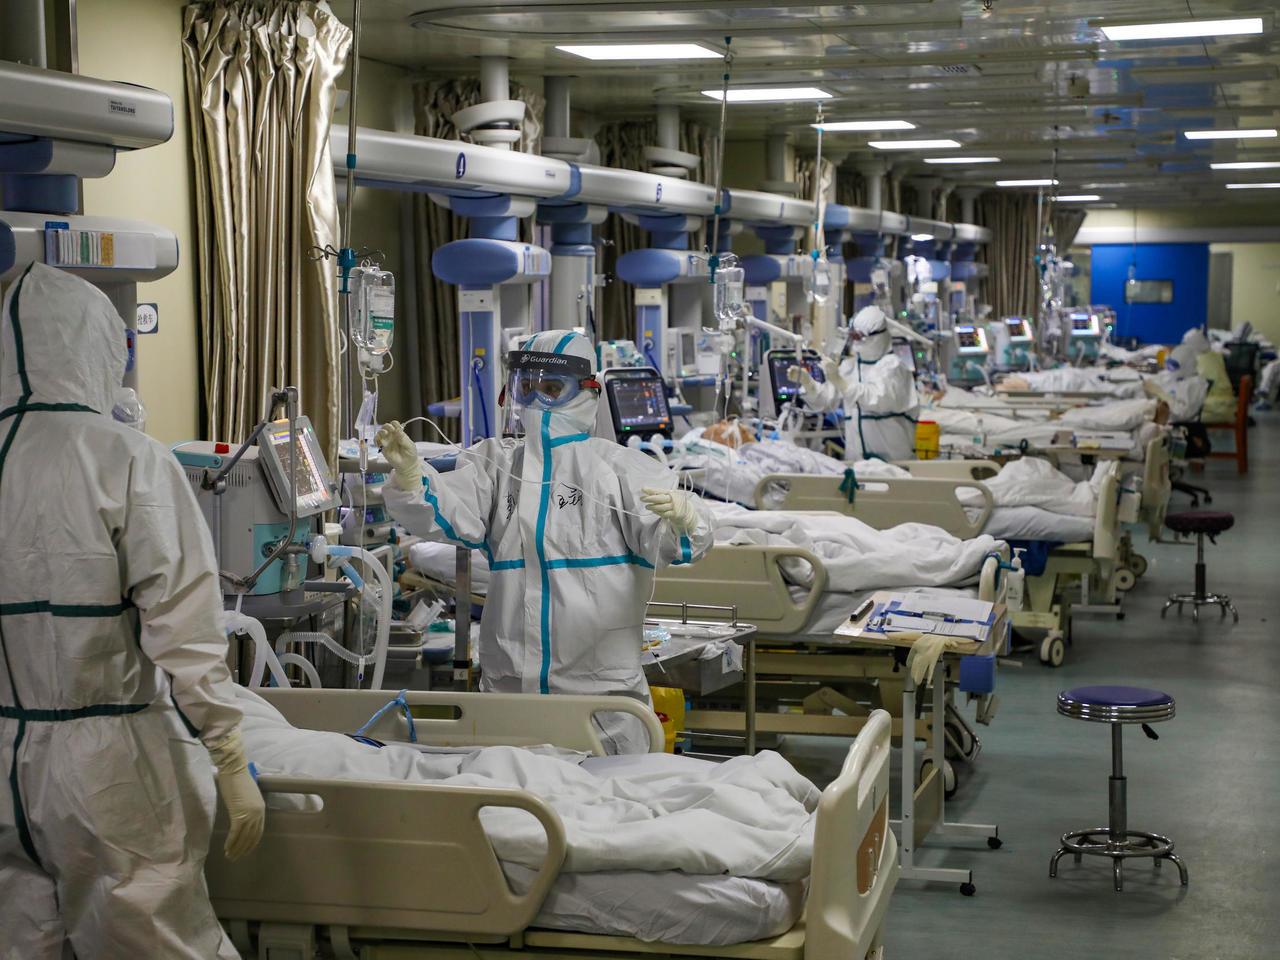 w1280-p4x3-2020-02-09T061544Z_478531873_RC2UWE9N0S1O_RTRMADP_3_CHINA-HEALTH